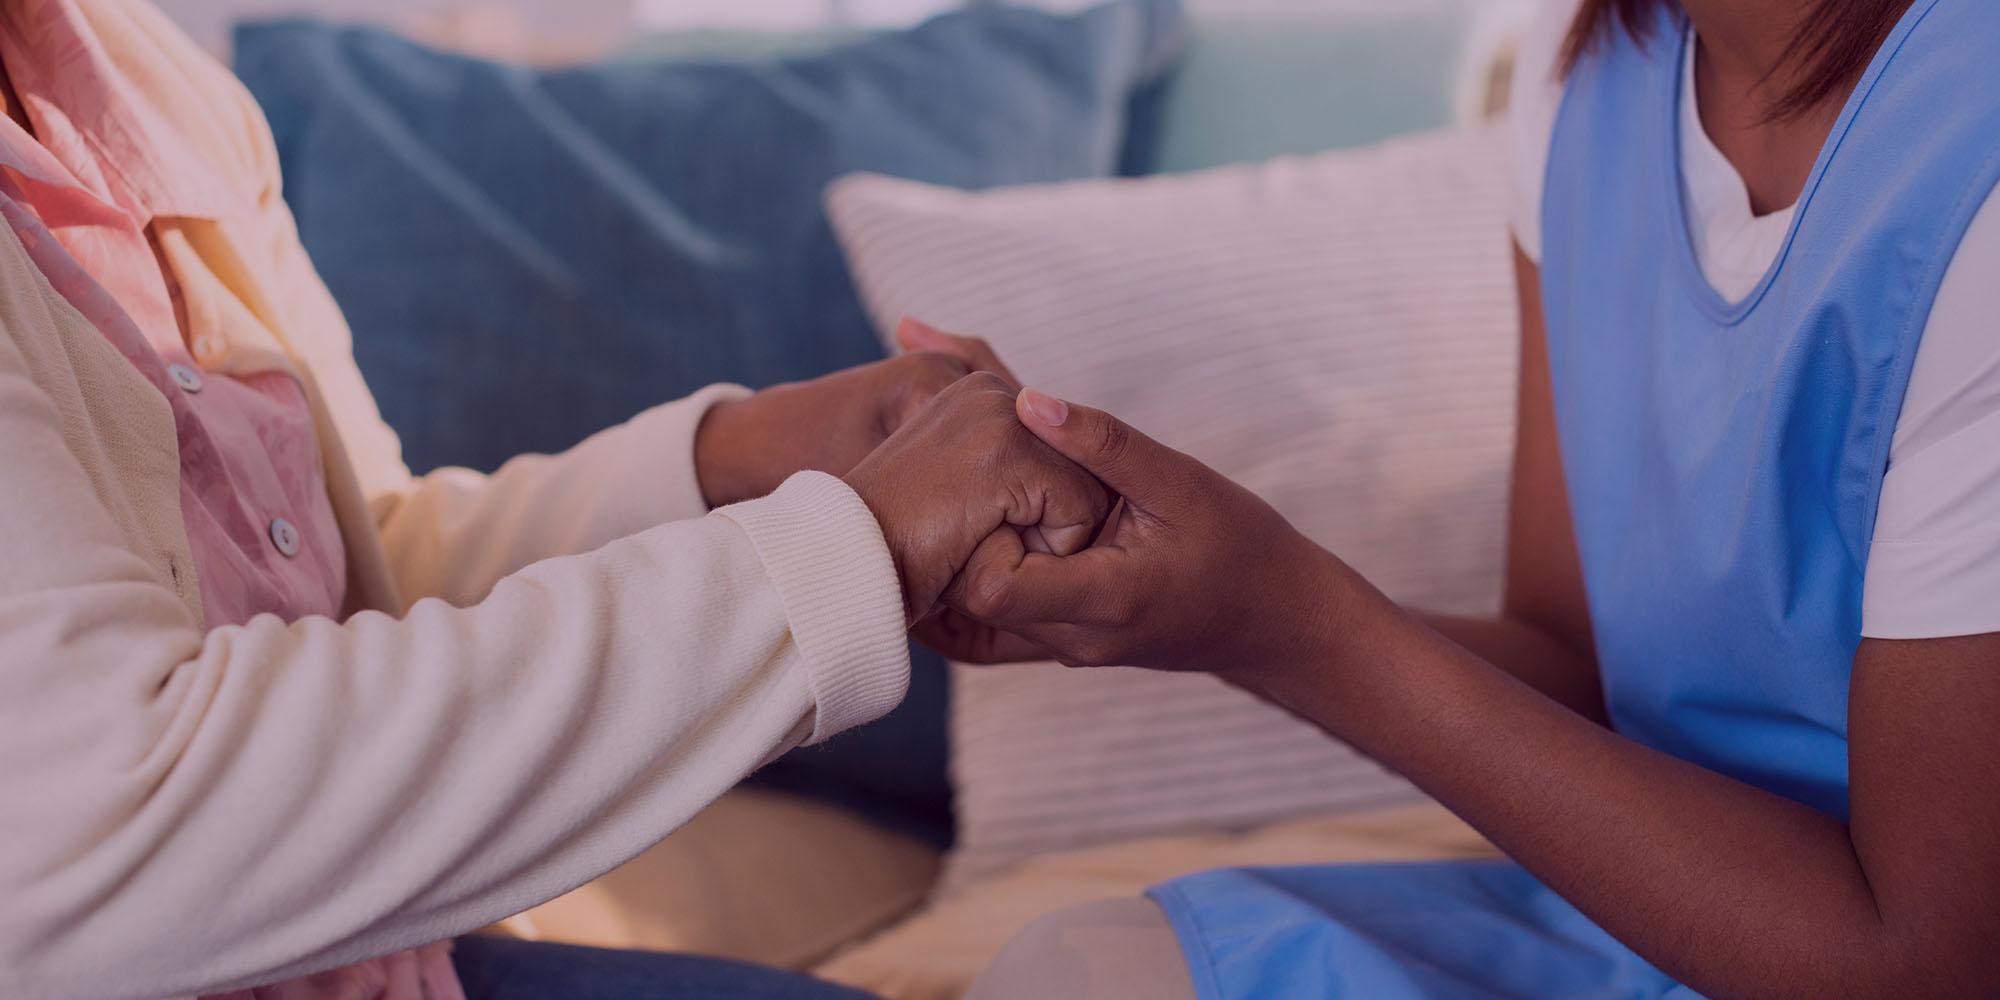 Personnel d'aide à domicile se tenant la main avec un client âgé